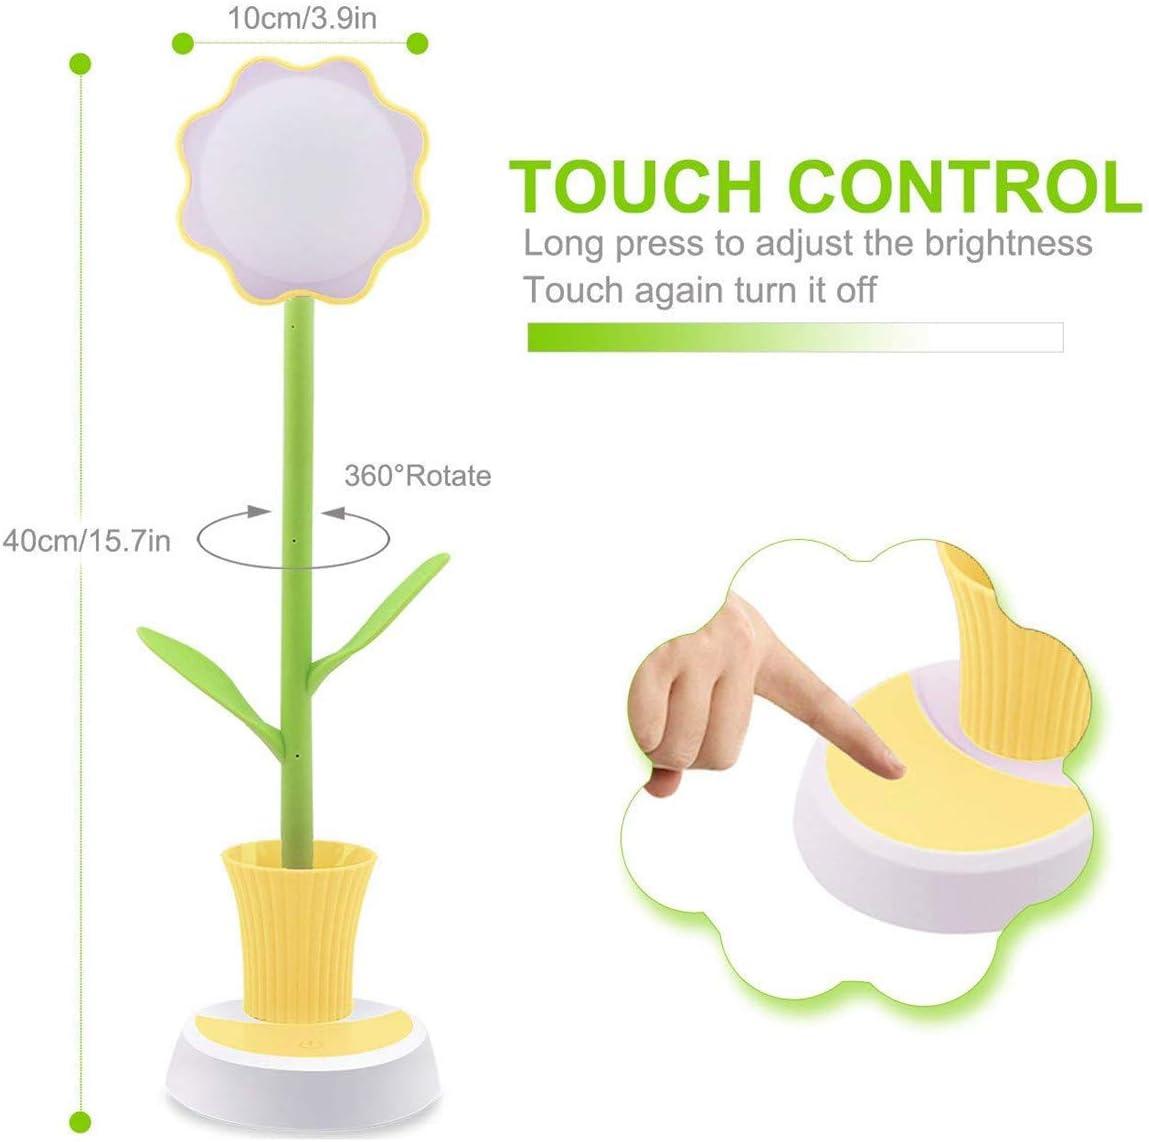 lampe de bureau rechargeable cr/éative LED Protection des yeux lampe de table /à capteur tactile lampe de chevet /à intensit/é variable avec porte-stylo Lampe de chevet enfant Jaune